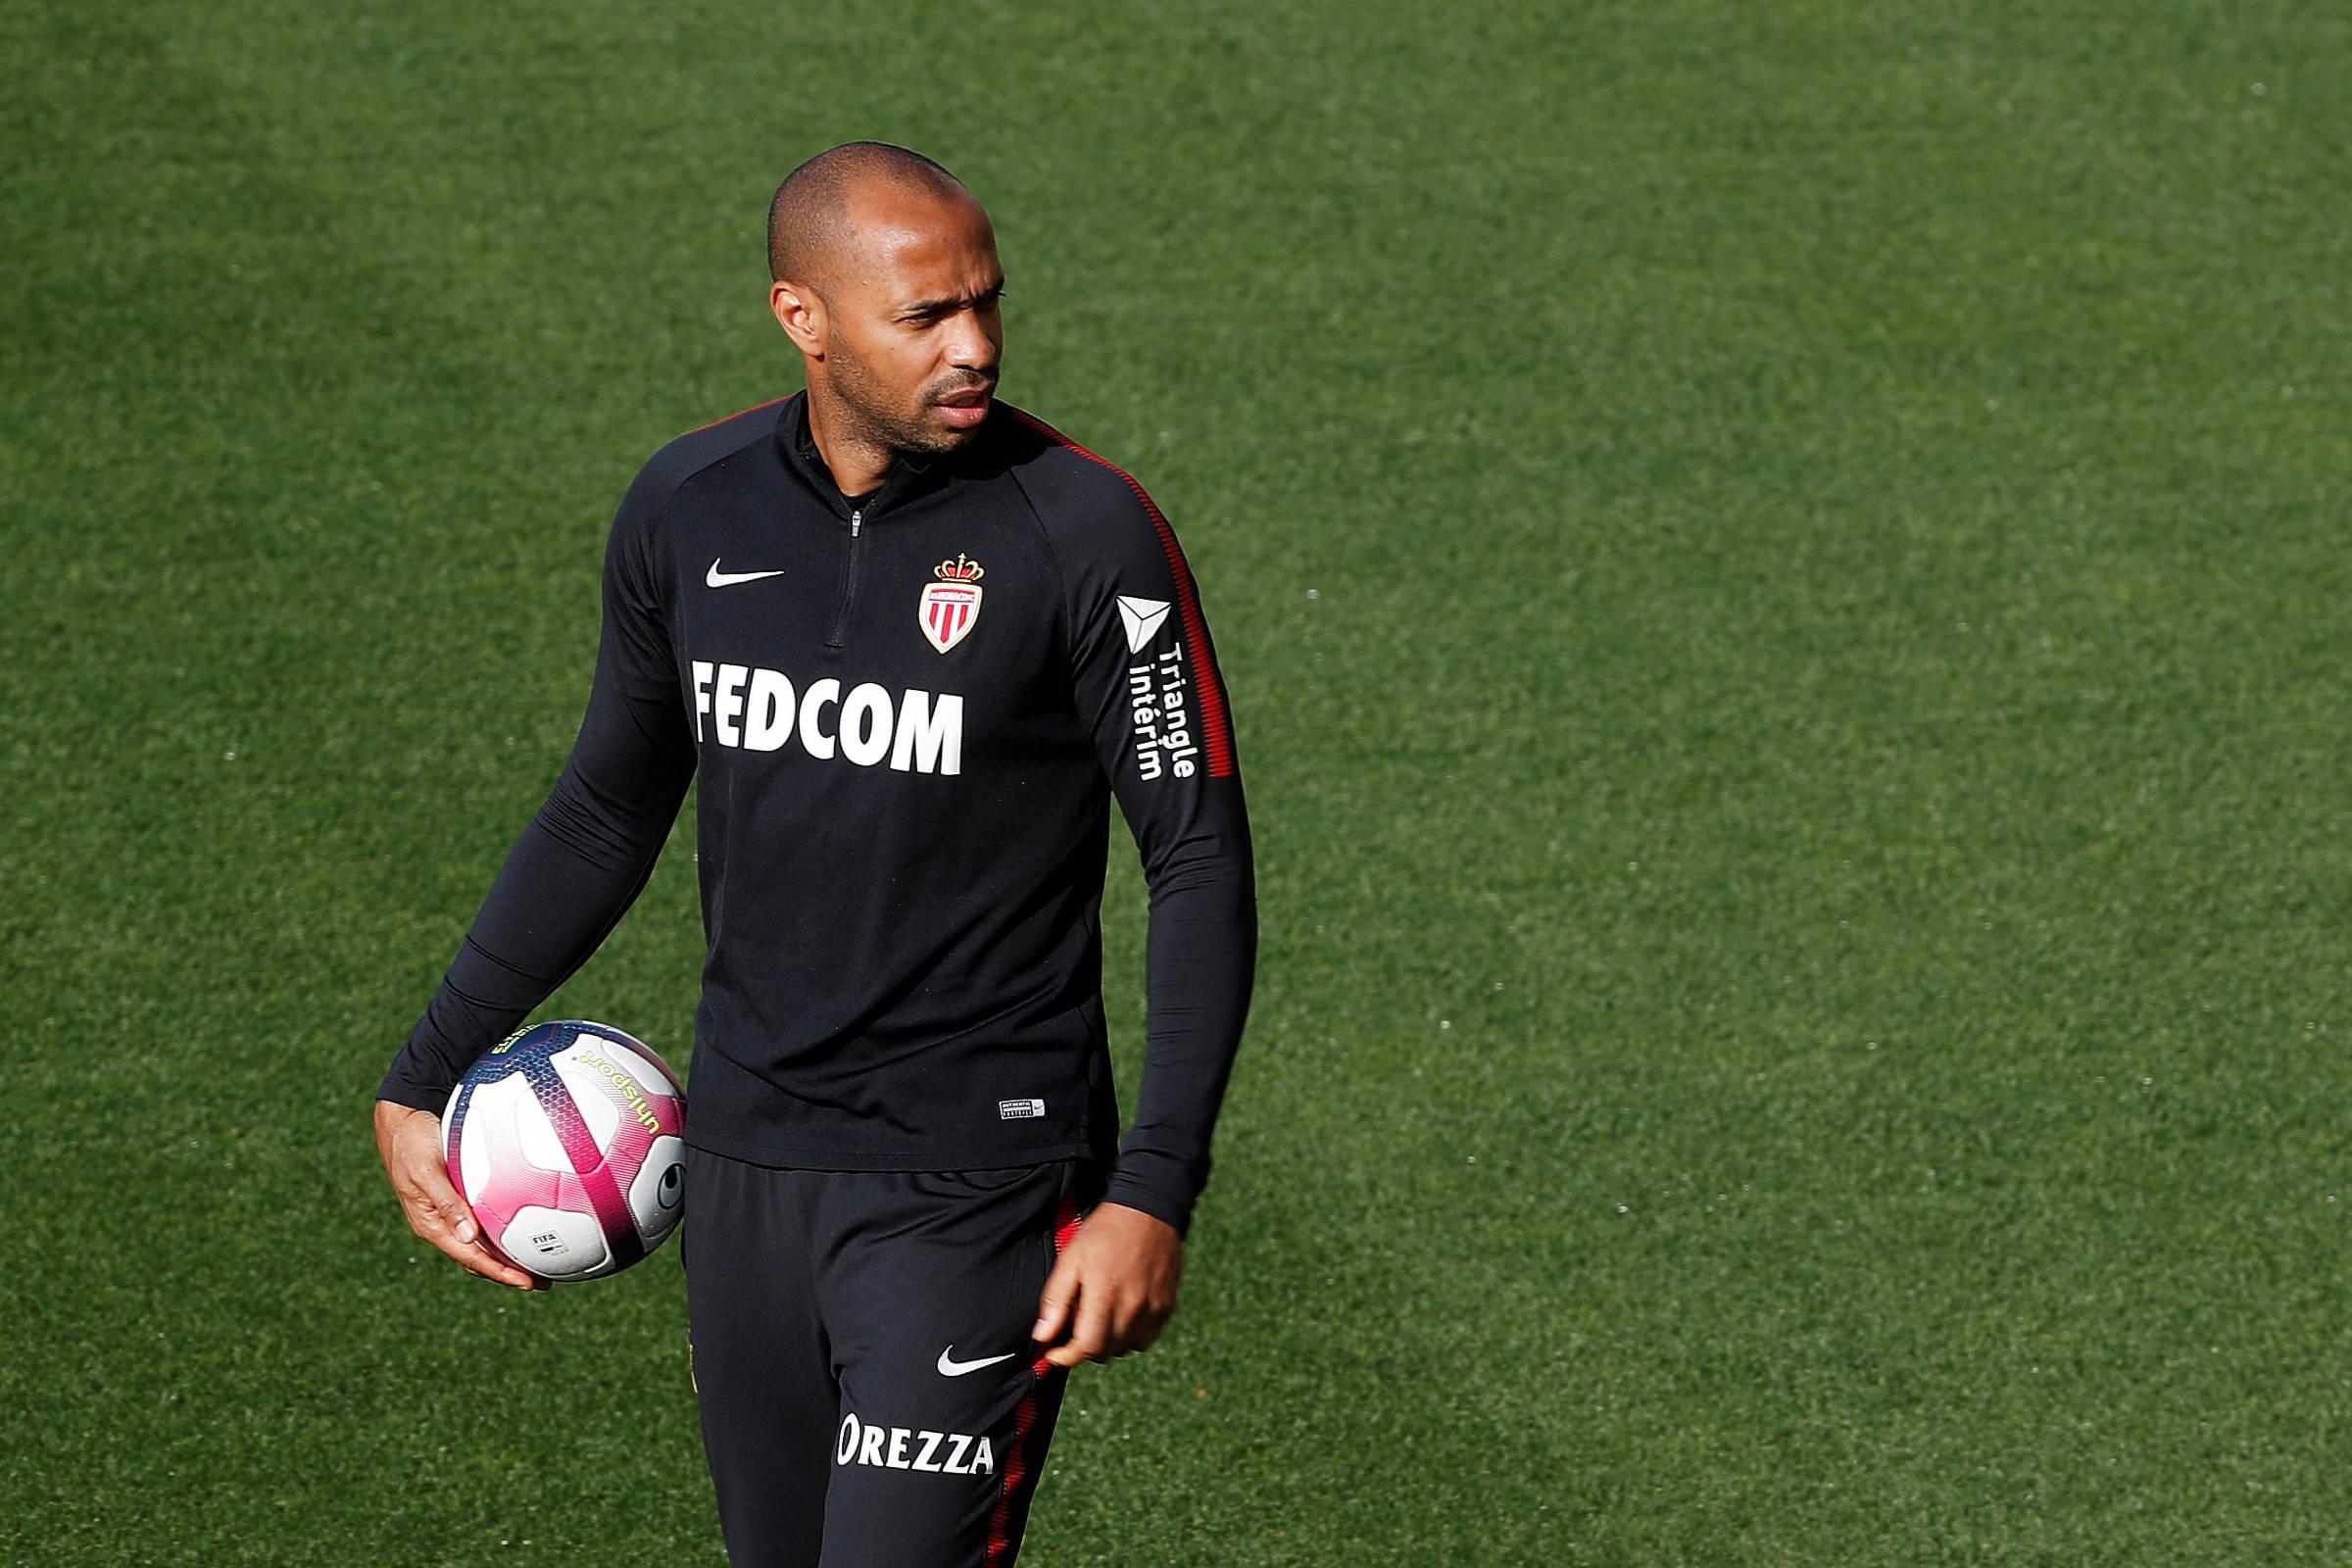 Thierry Henry se junta a ex-ídolos da Premier League em nova carreira como  técnico - 20 10 2018 - Esporte - Folha fbdd29bad8c34